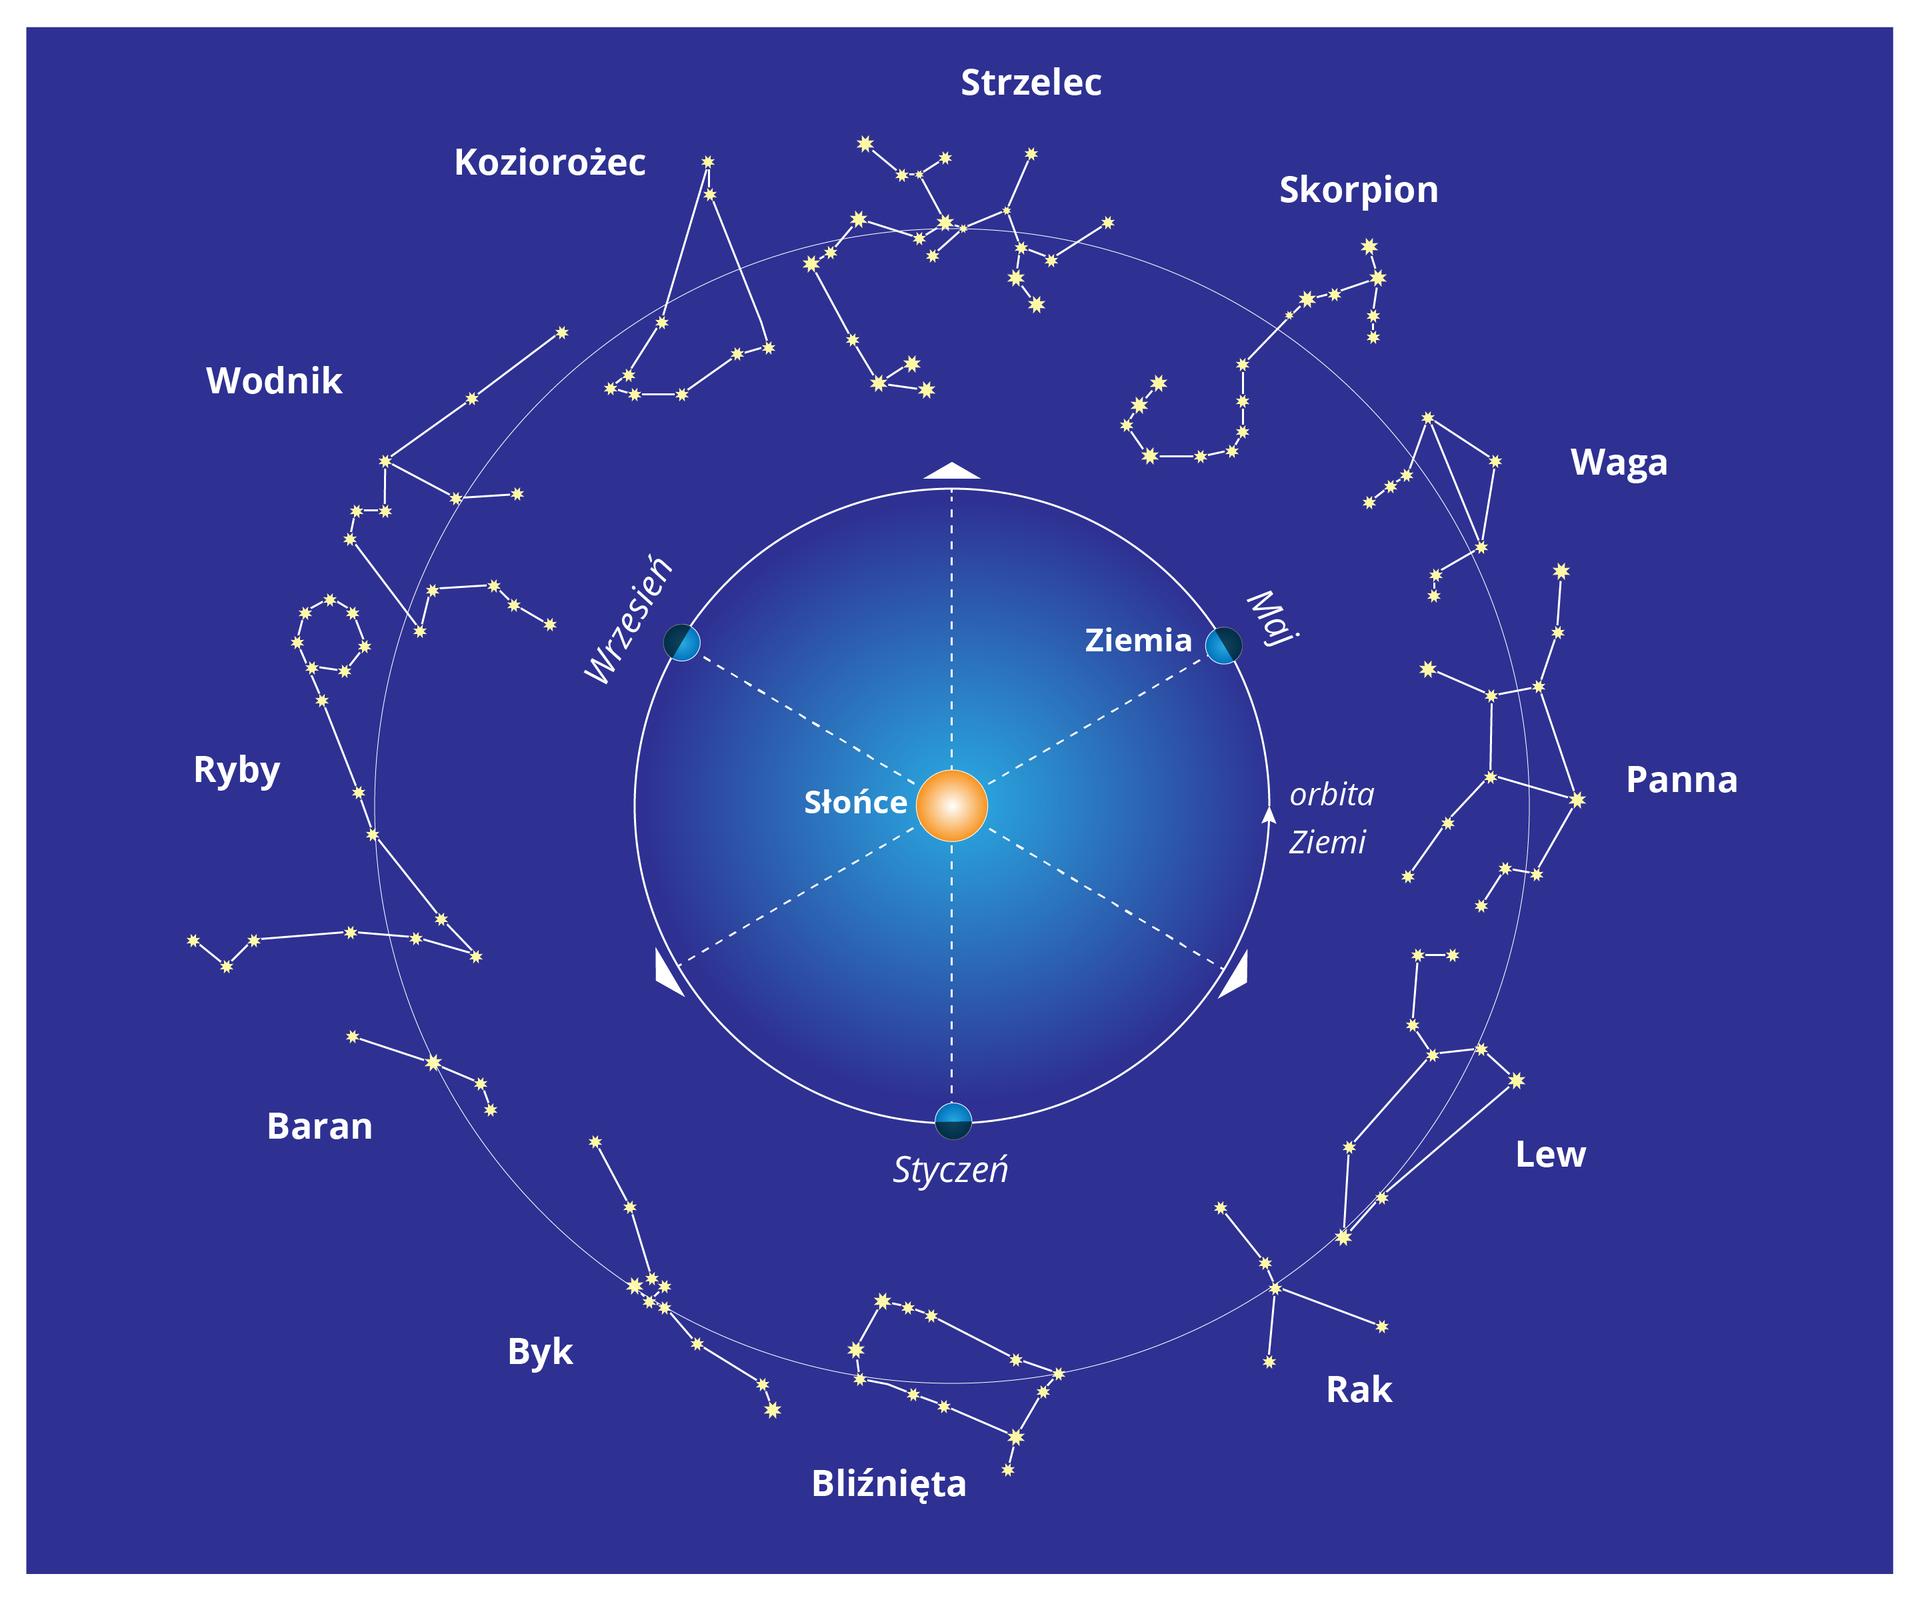 Ilustracja prezentuje zodiak. Wśrodku ilustracji znajduje się Słońce. Dookoła niego okrąg podzielony na sześć równych części. Na zewnątrz większy okrąg na którym narysowano gwiazdozbiory poszczególnych znaków zodiaku.